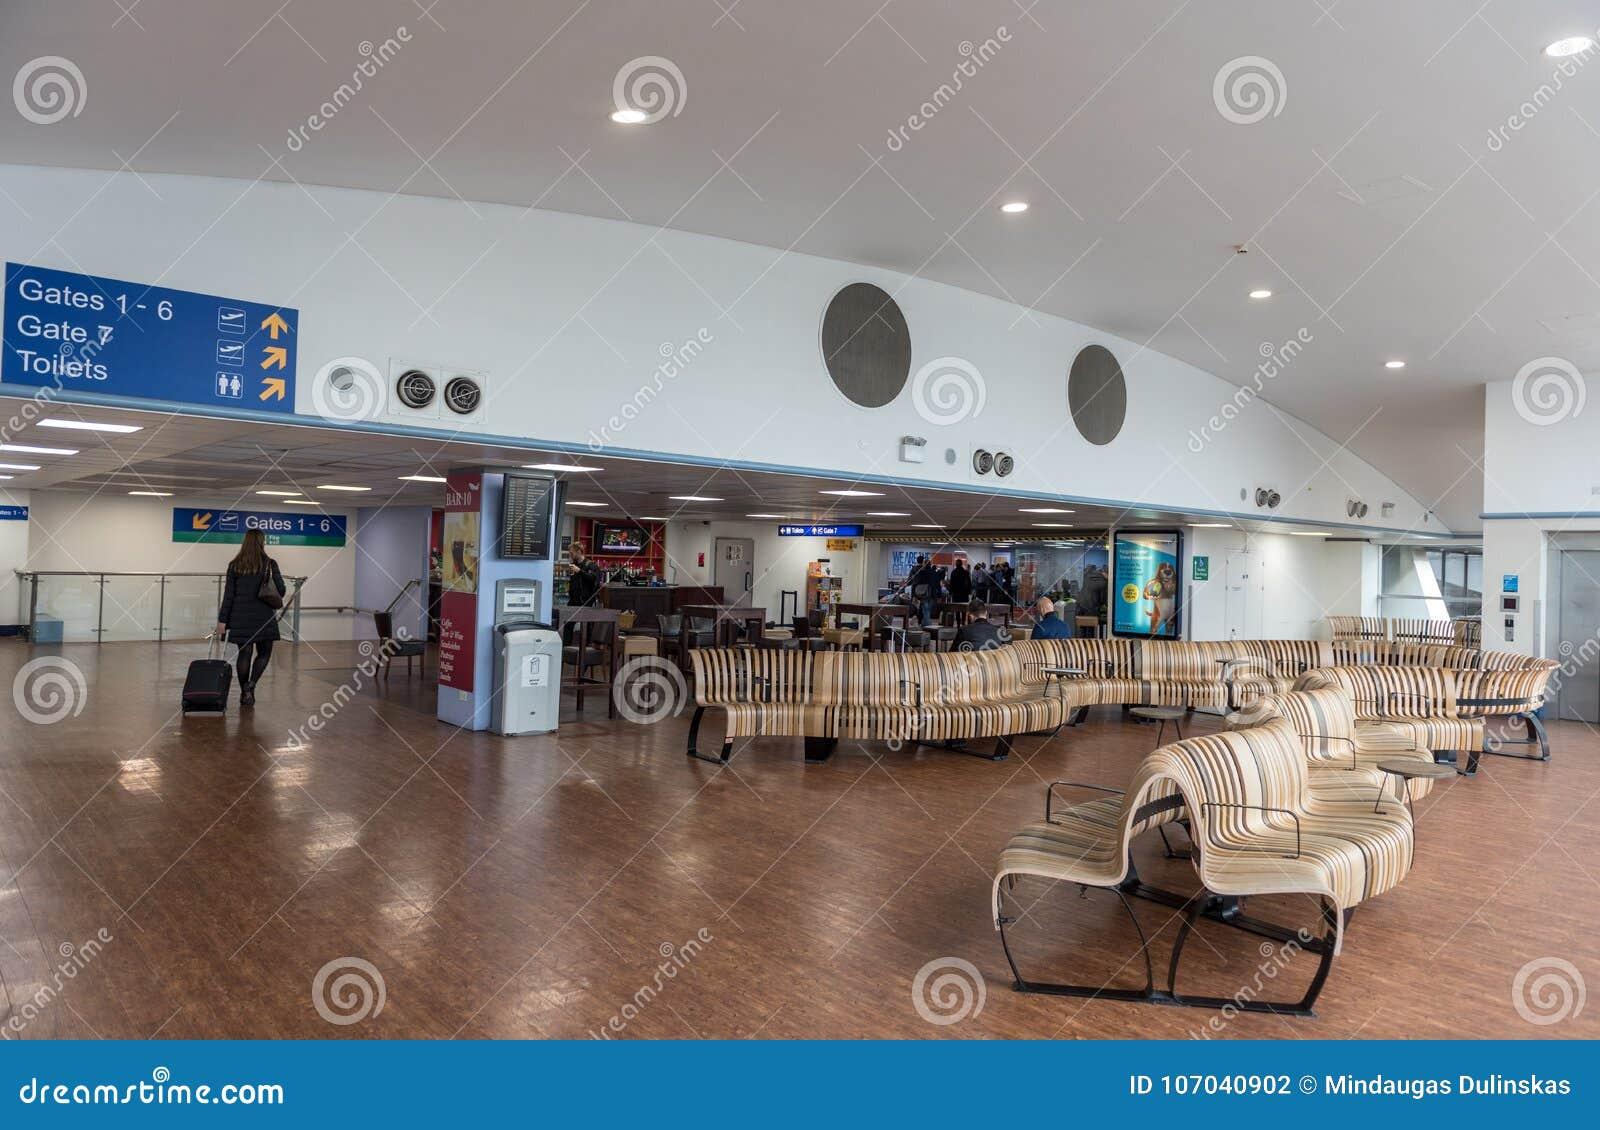 ЛОНДОН, АНГЛИЯ - 29-ОЕ СЕНТЯБРЯ 2017: Зона строба отклонения авиапорта Лутон Лондон, Англия, Великобритания